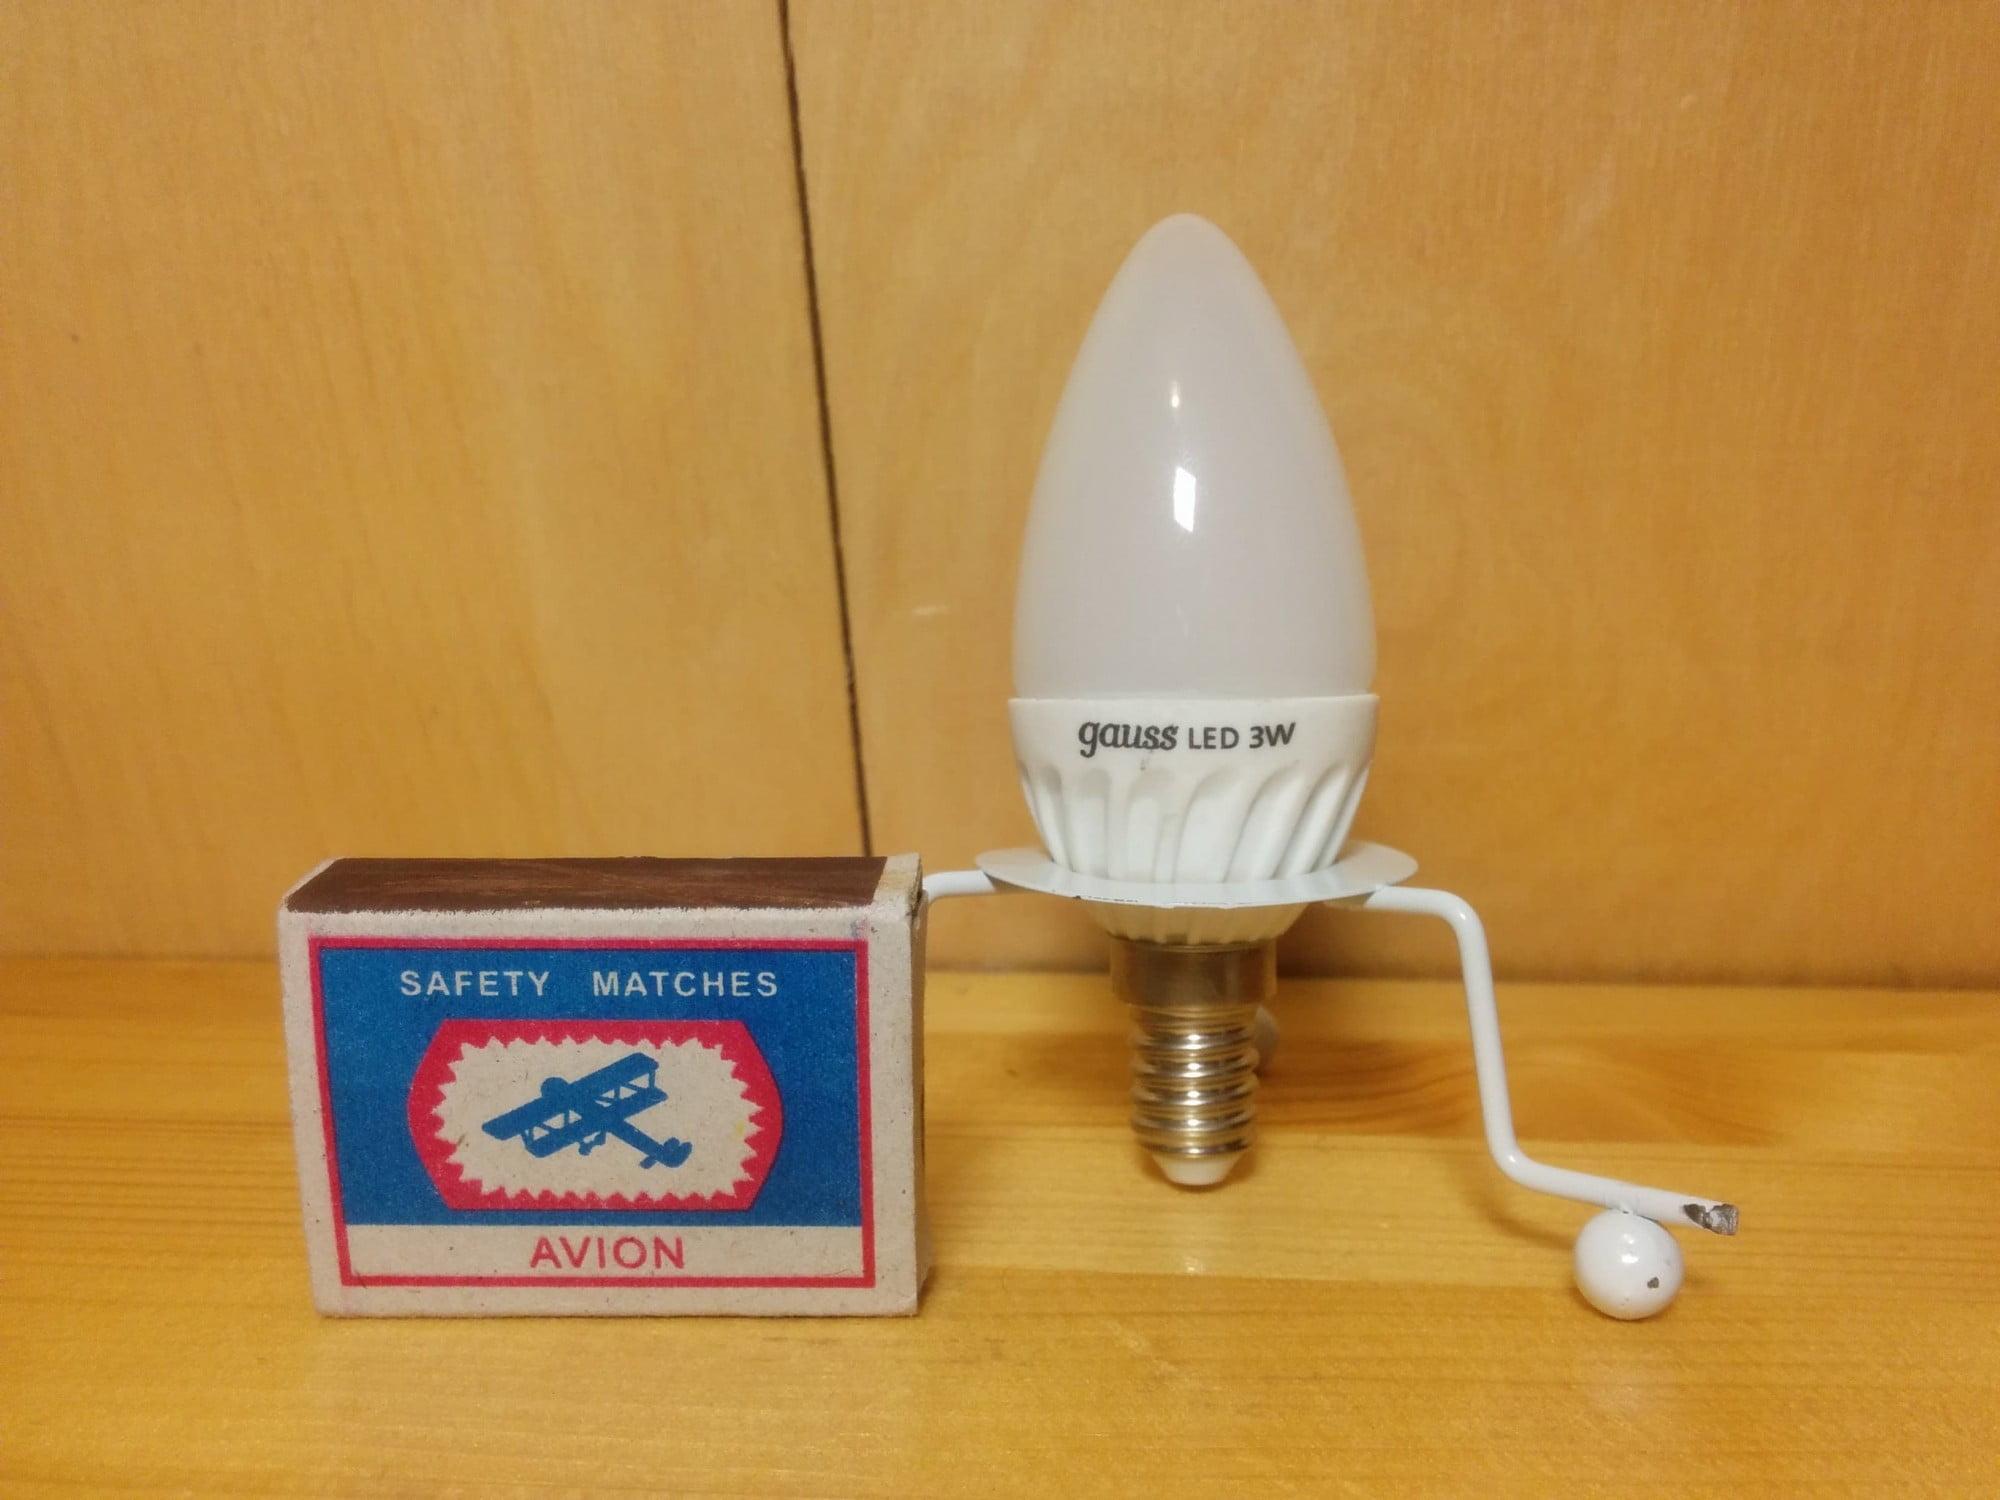 Gauss LED Ceramic Candle 3W E14 4100K лампа